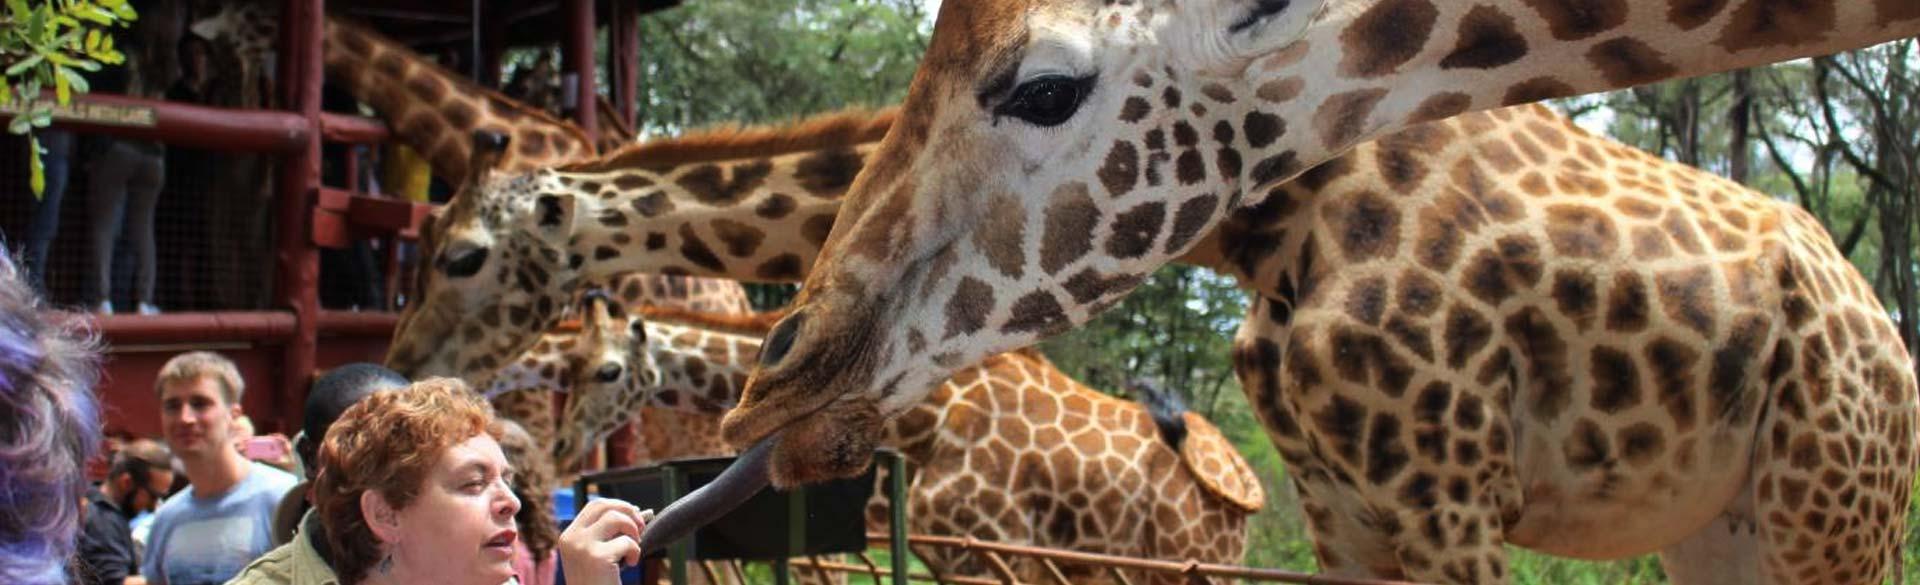 Karen Blixen Museum Giraffe Center and Kazuri Beads